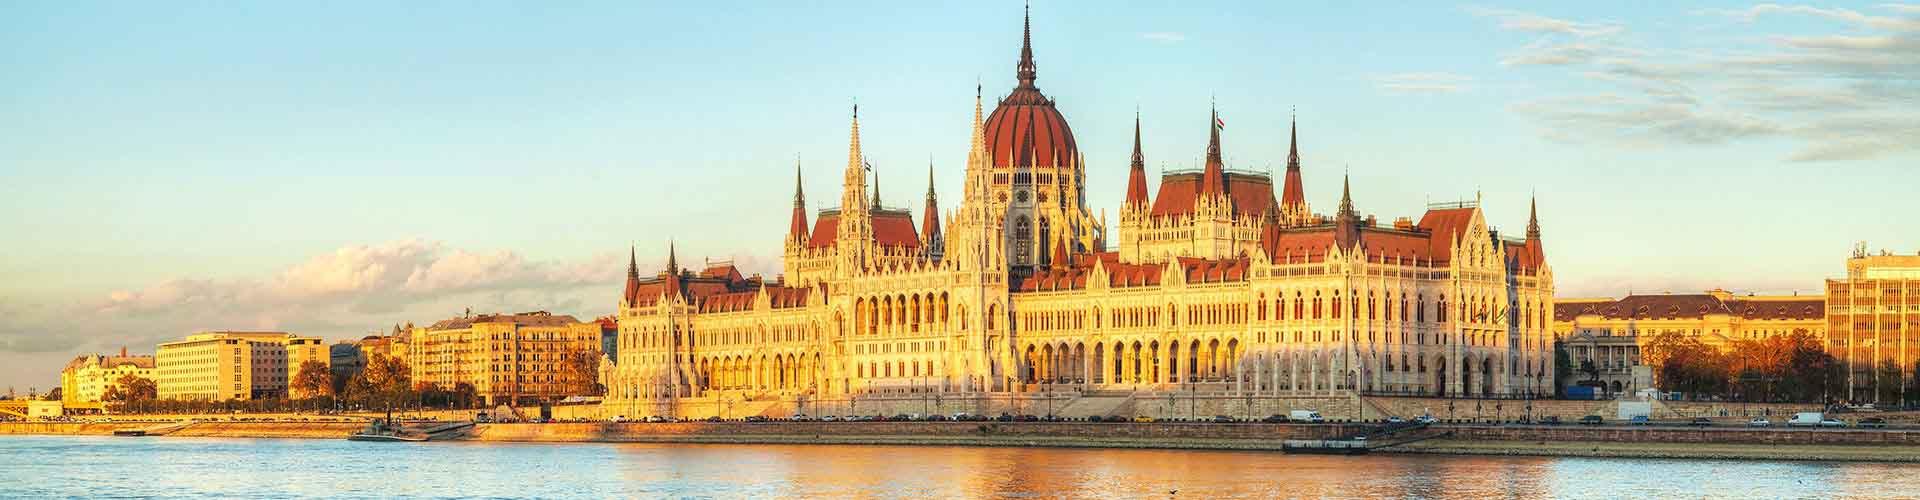 布达佩斯 – 布达佩斯的露营地。布达佩斯地图,布达佩斯每个露营地c的照片和评价。